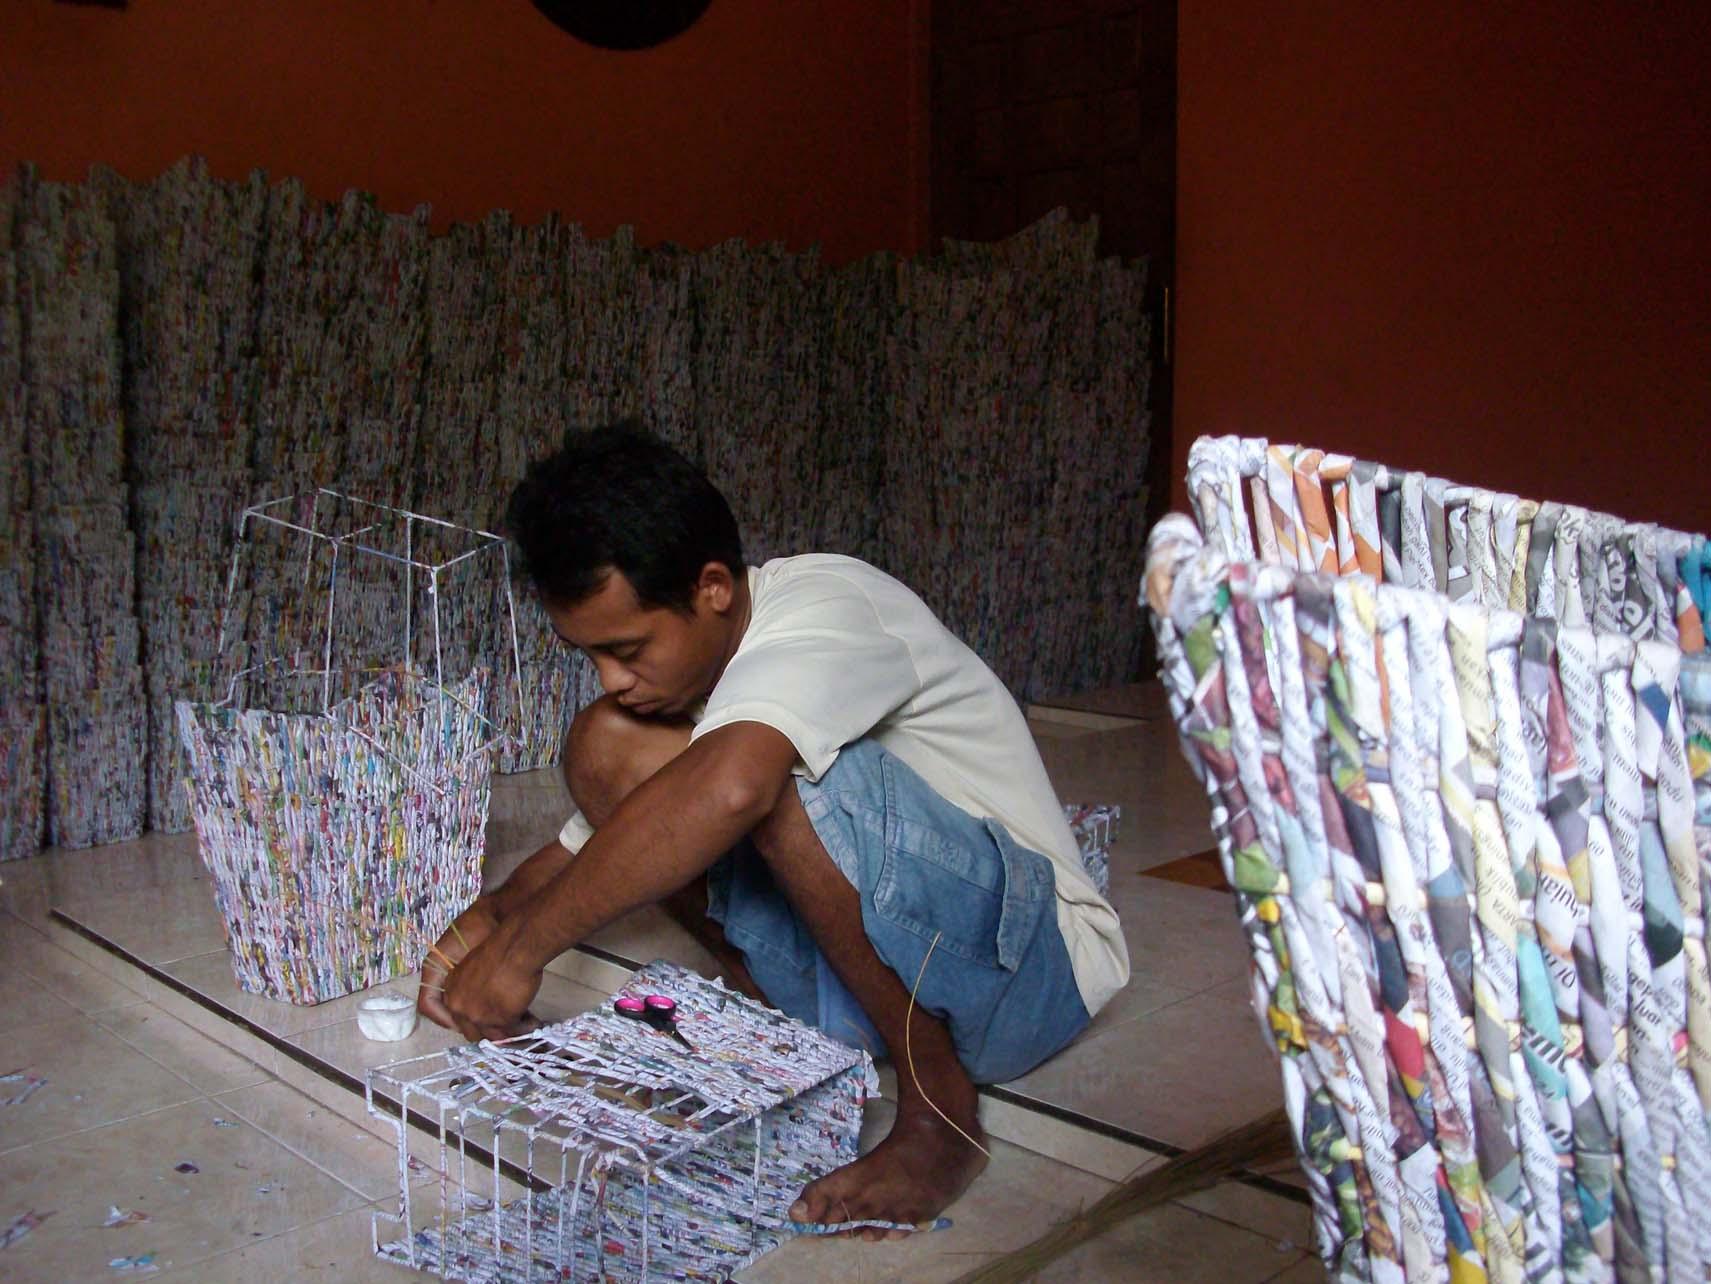 Kreasi : Kertas bekas tabloid dijadikan bahan kerajinan anyaman yang